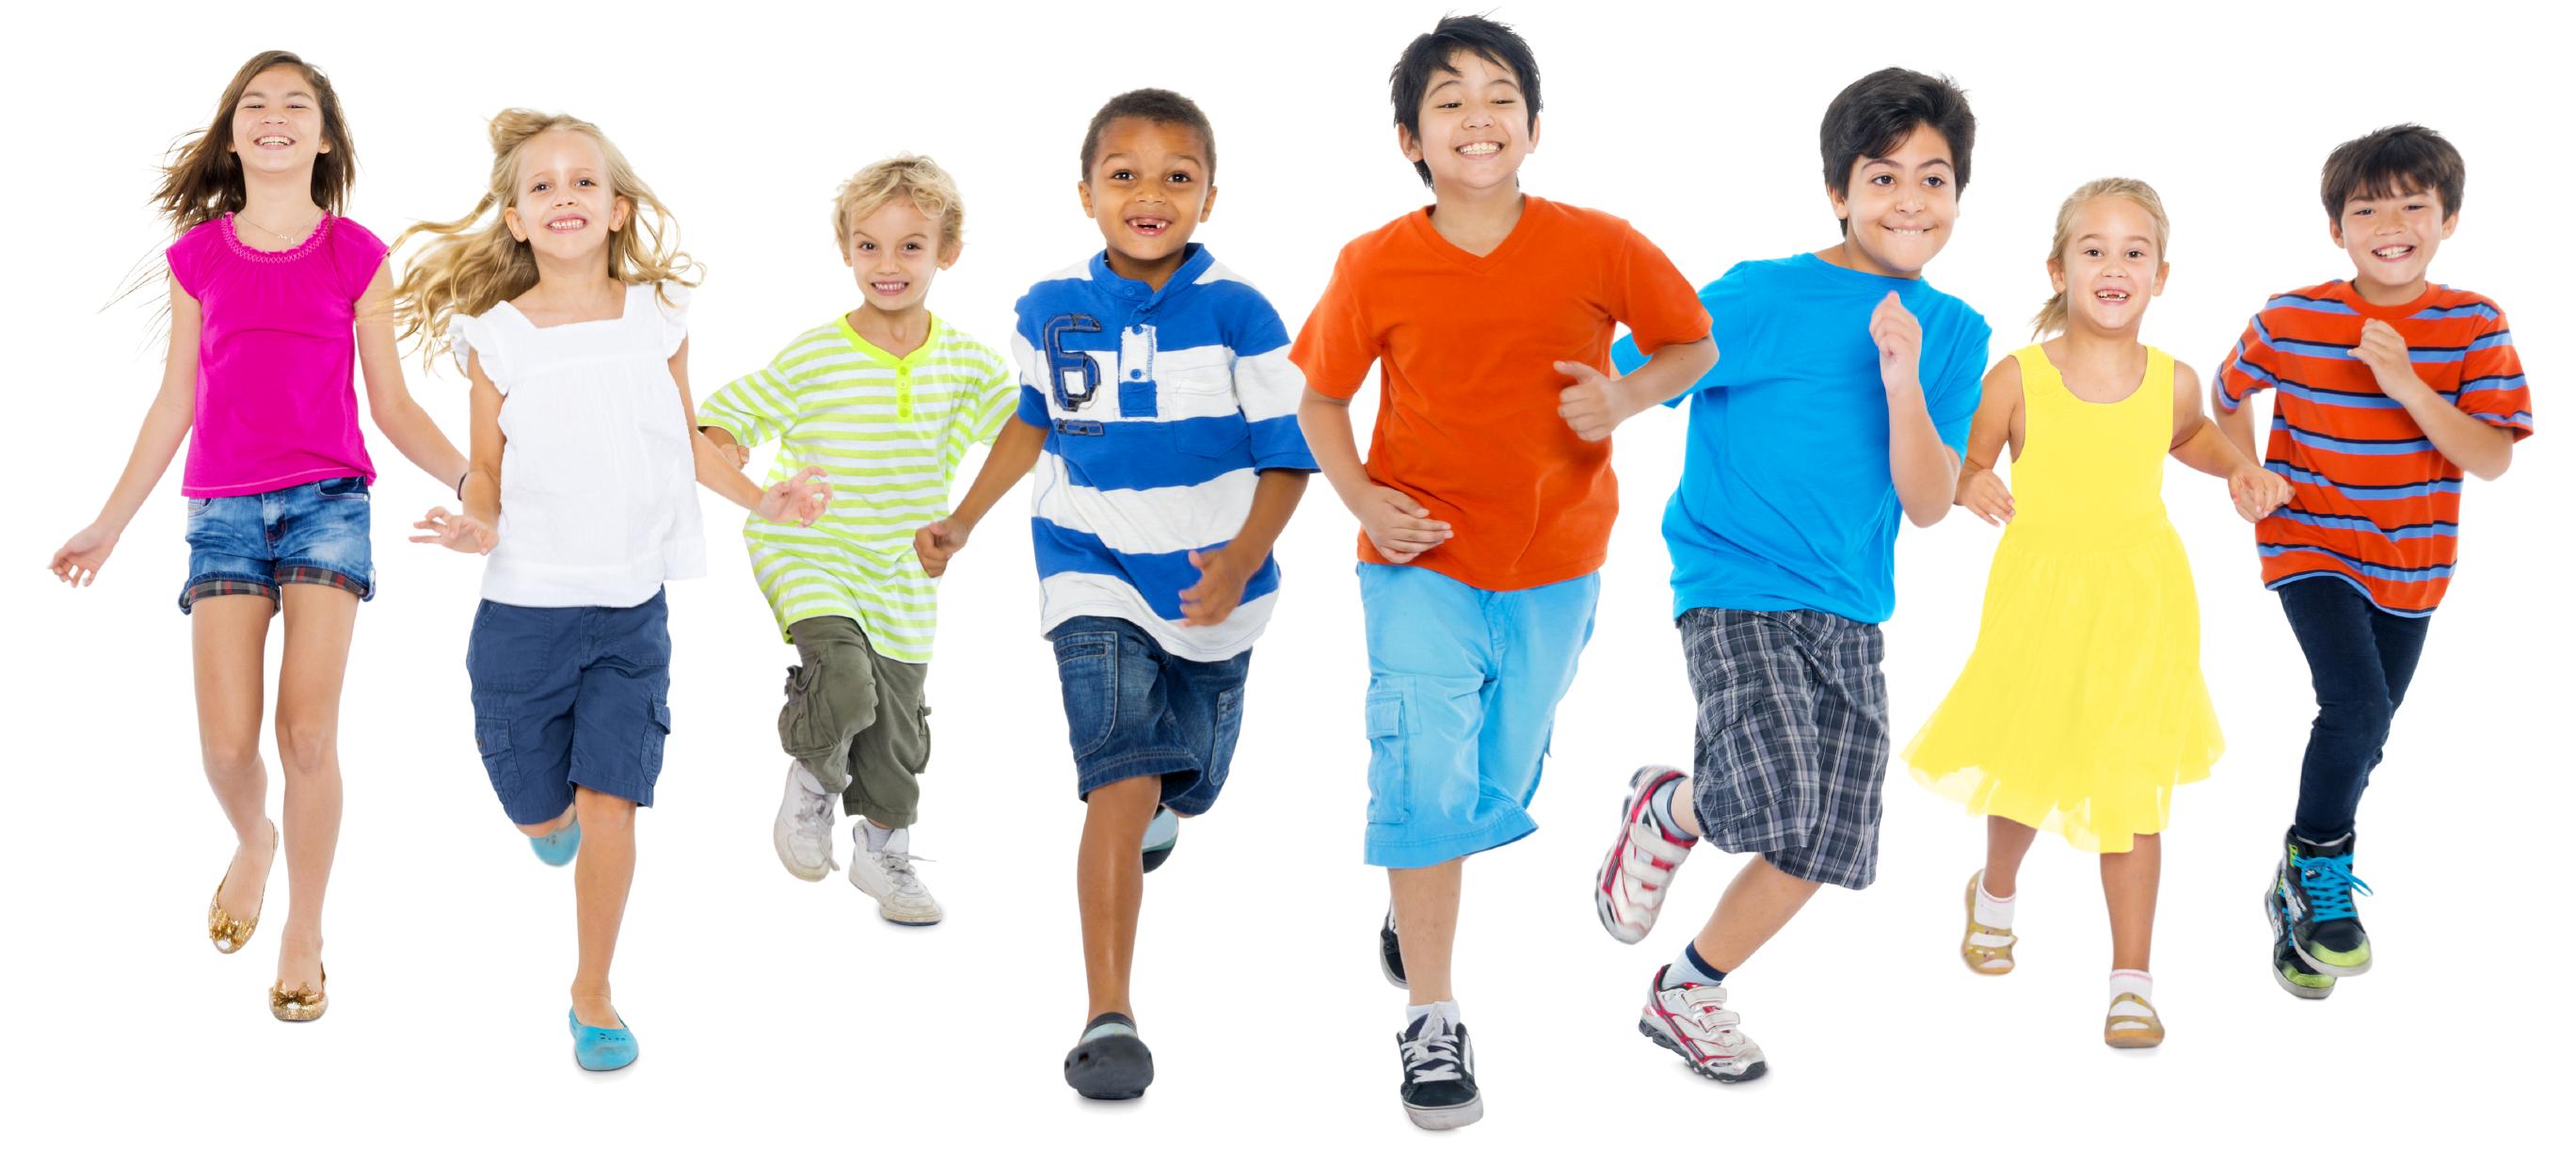 Kids Playing Running Birthday